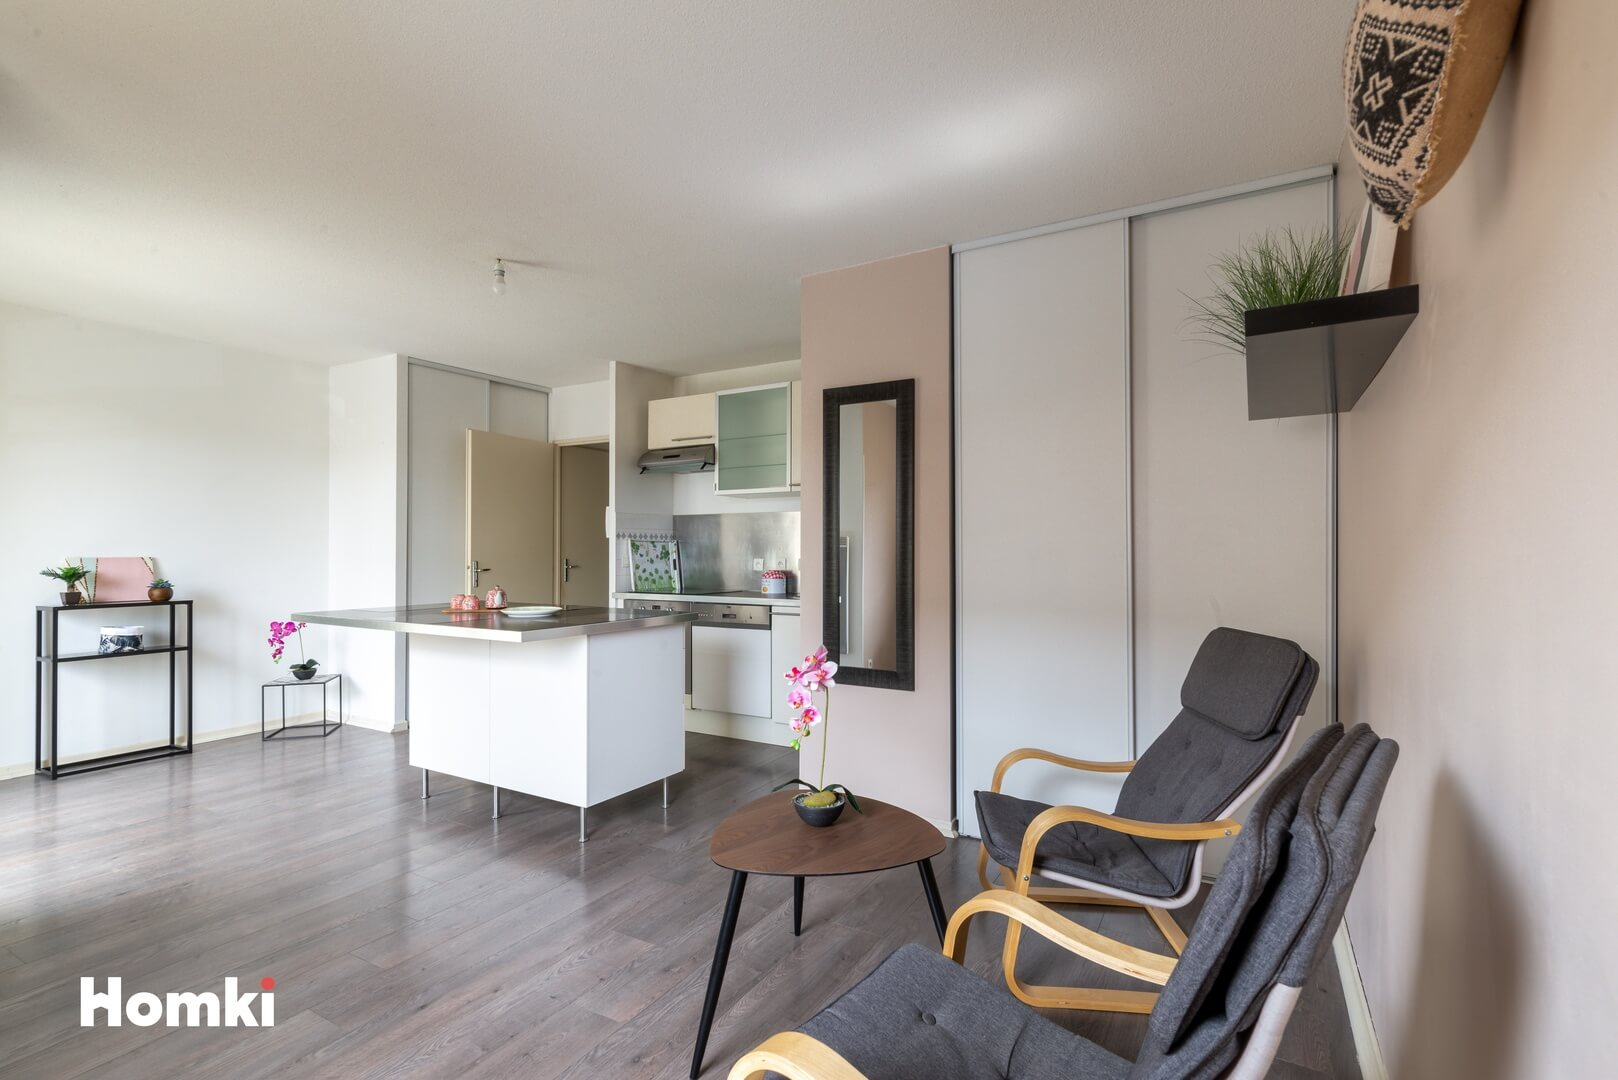 Homki - Vente Appartement  de 37.0 m² à Toulouse 31200